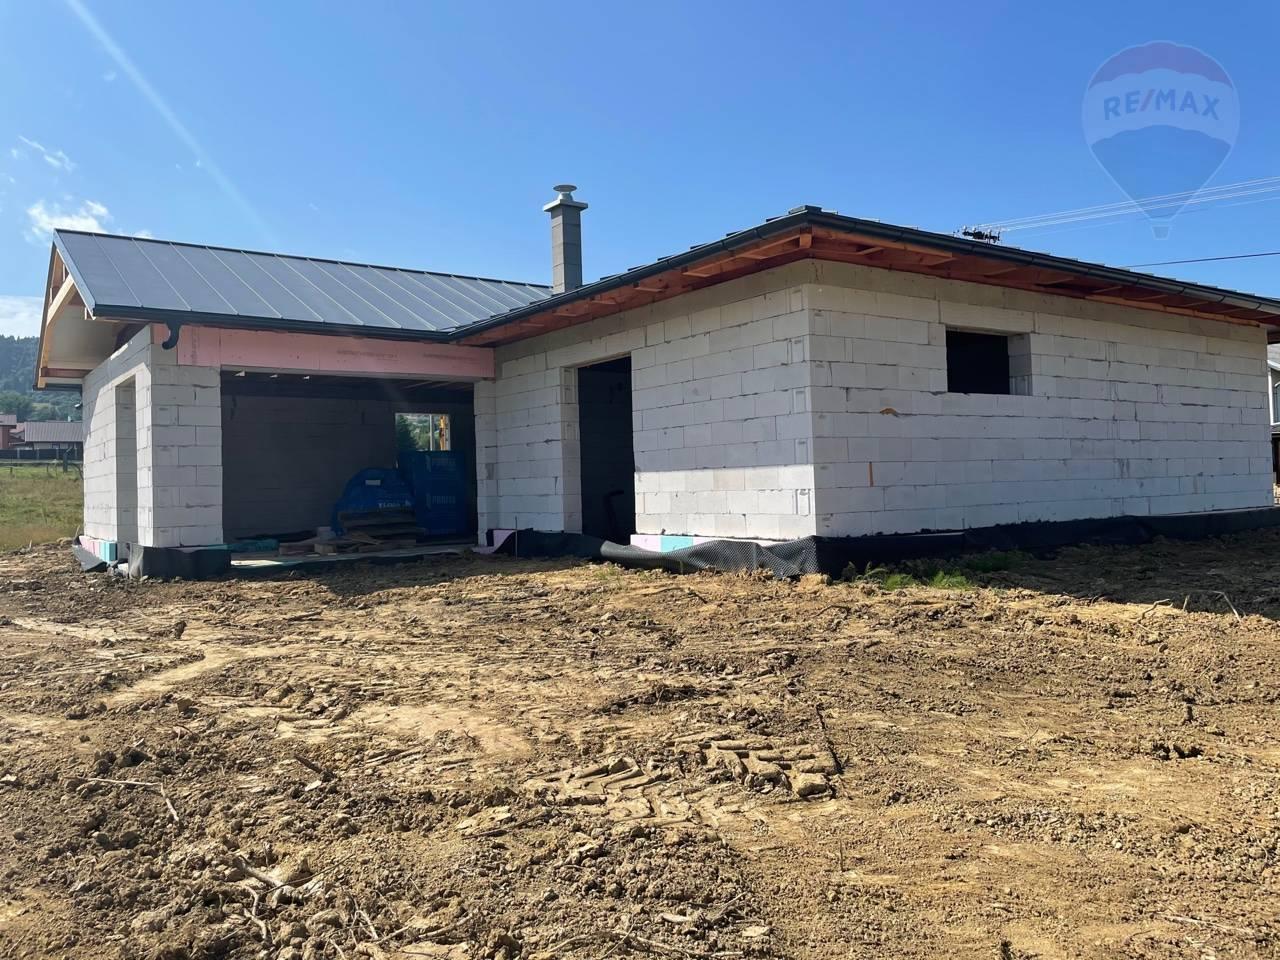 Predaj domu 142 m2, Brezno - Predaj: novostavba bungalov 177 m2